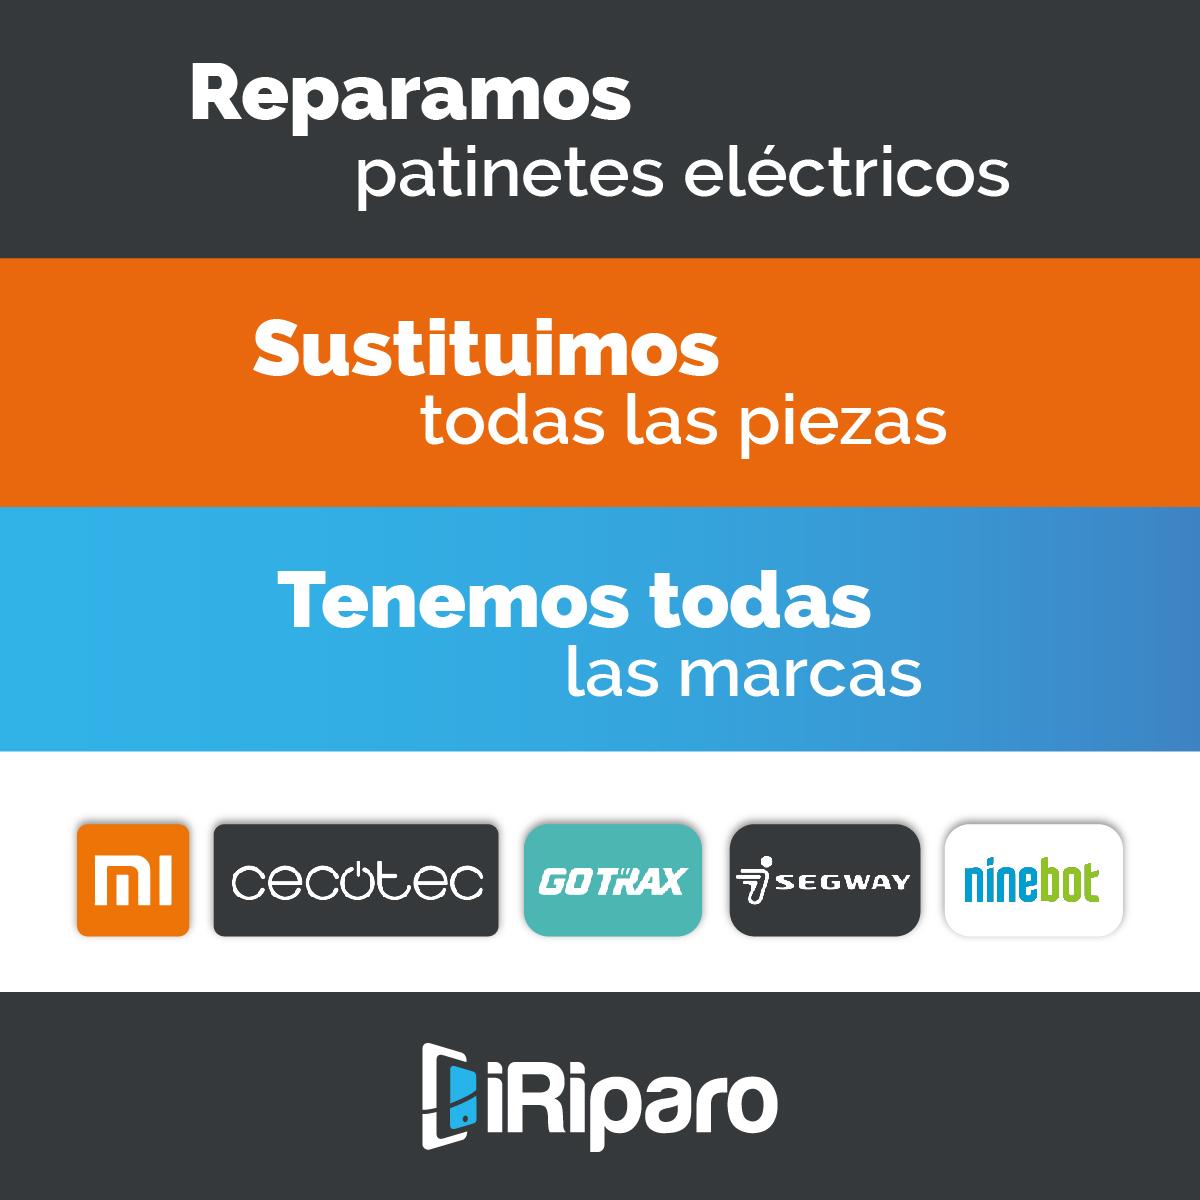 iRiparo Store Cadiz